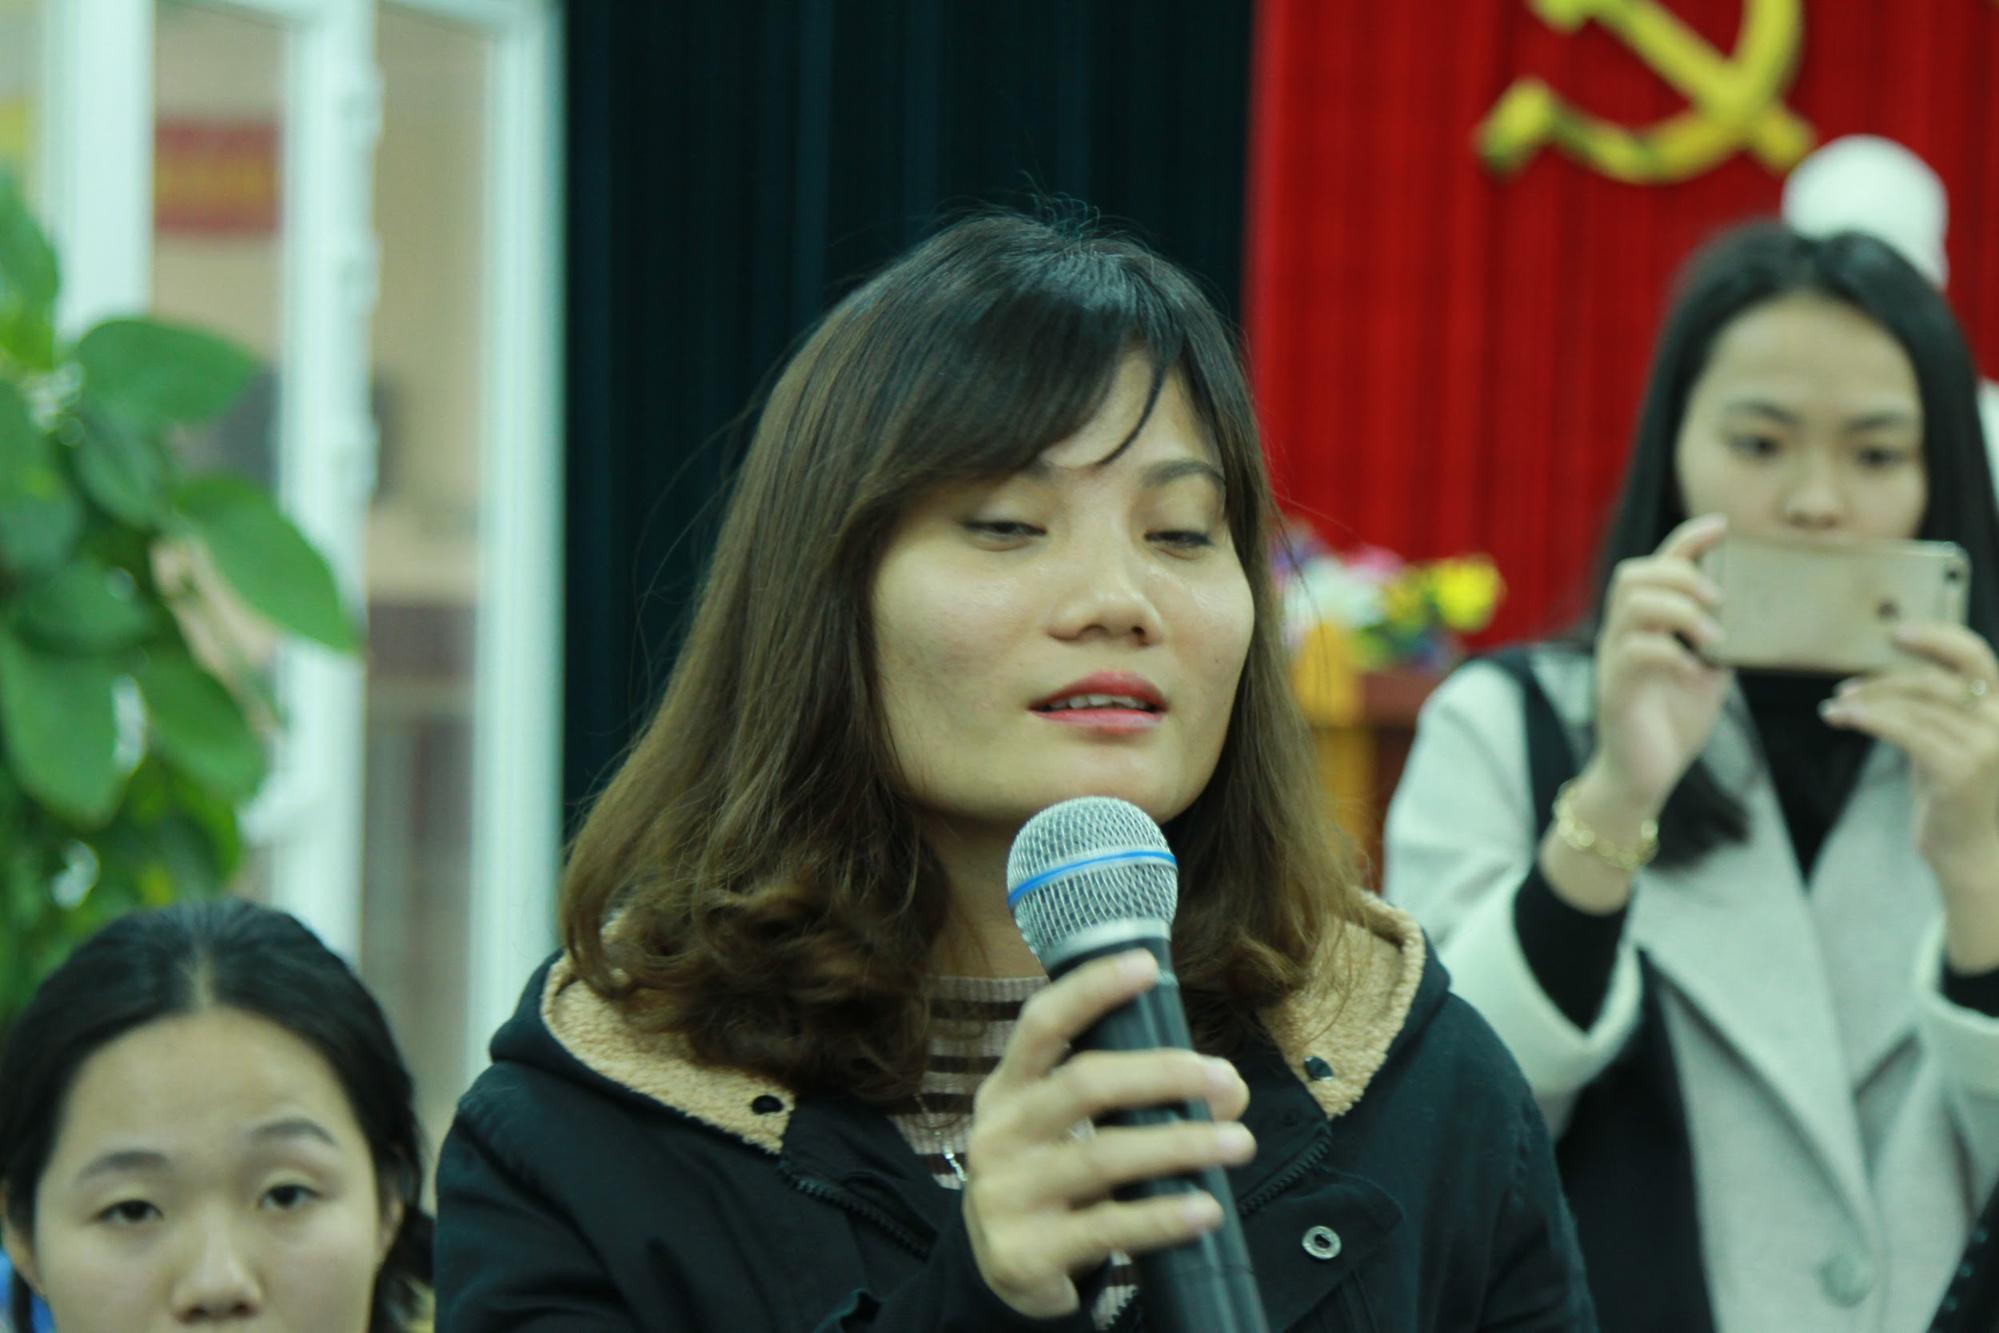 Một nữ giảng viên đặt câu hỏi về phương pháp điều trị nám da bằng thảo dược